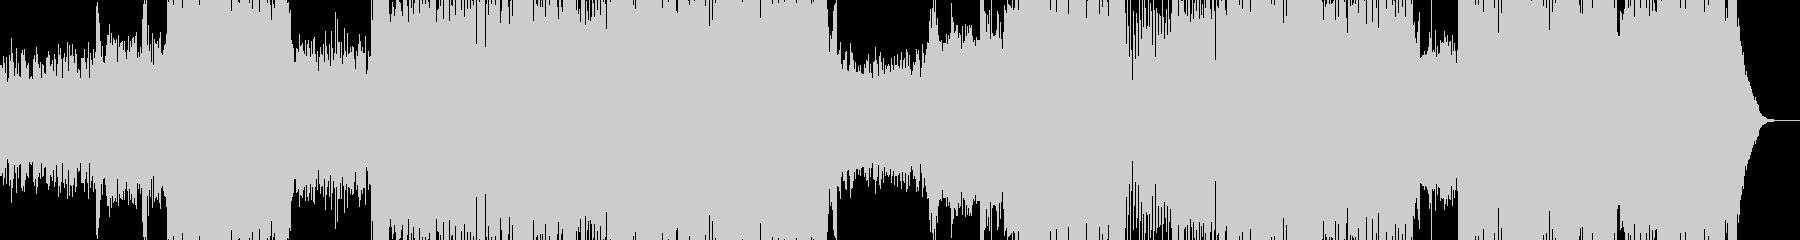 バイオリン・大空翔けるテーマ 長尺+の未再生の波形